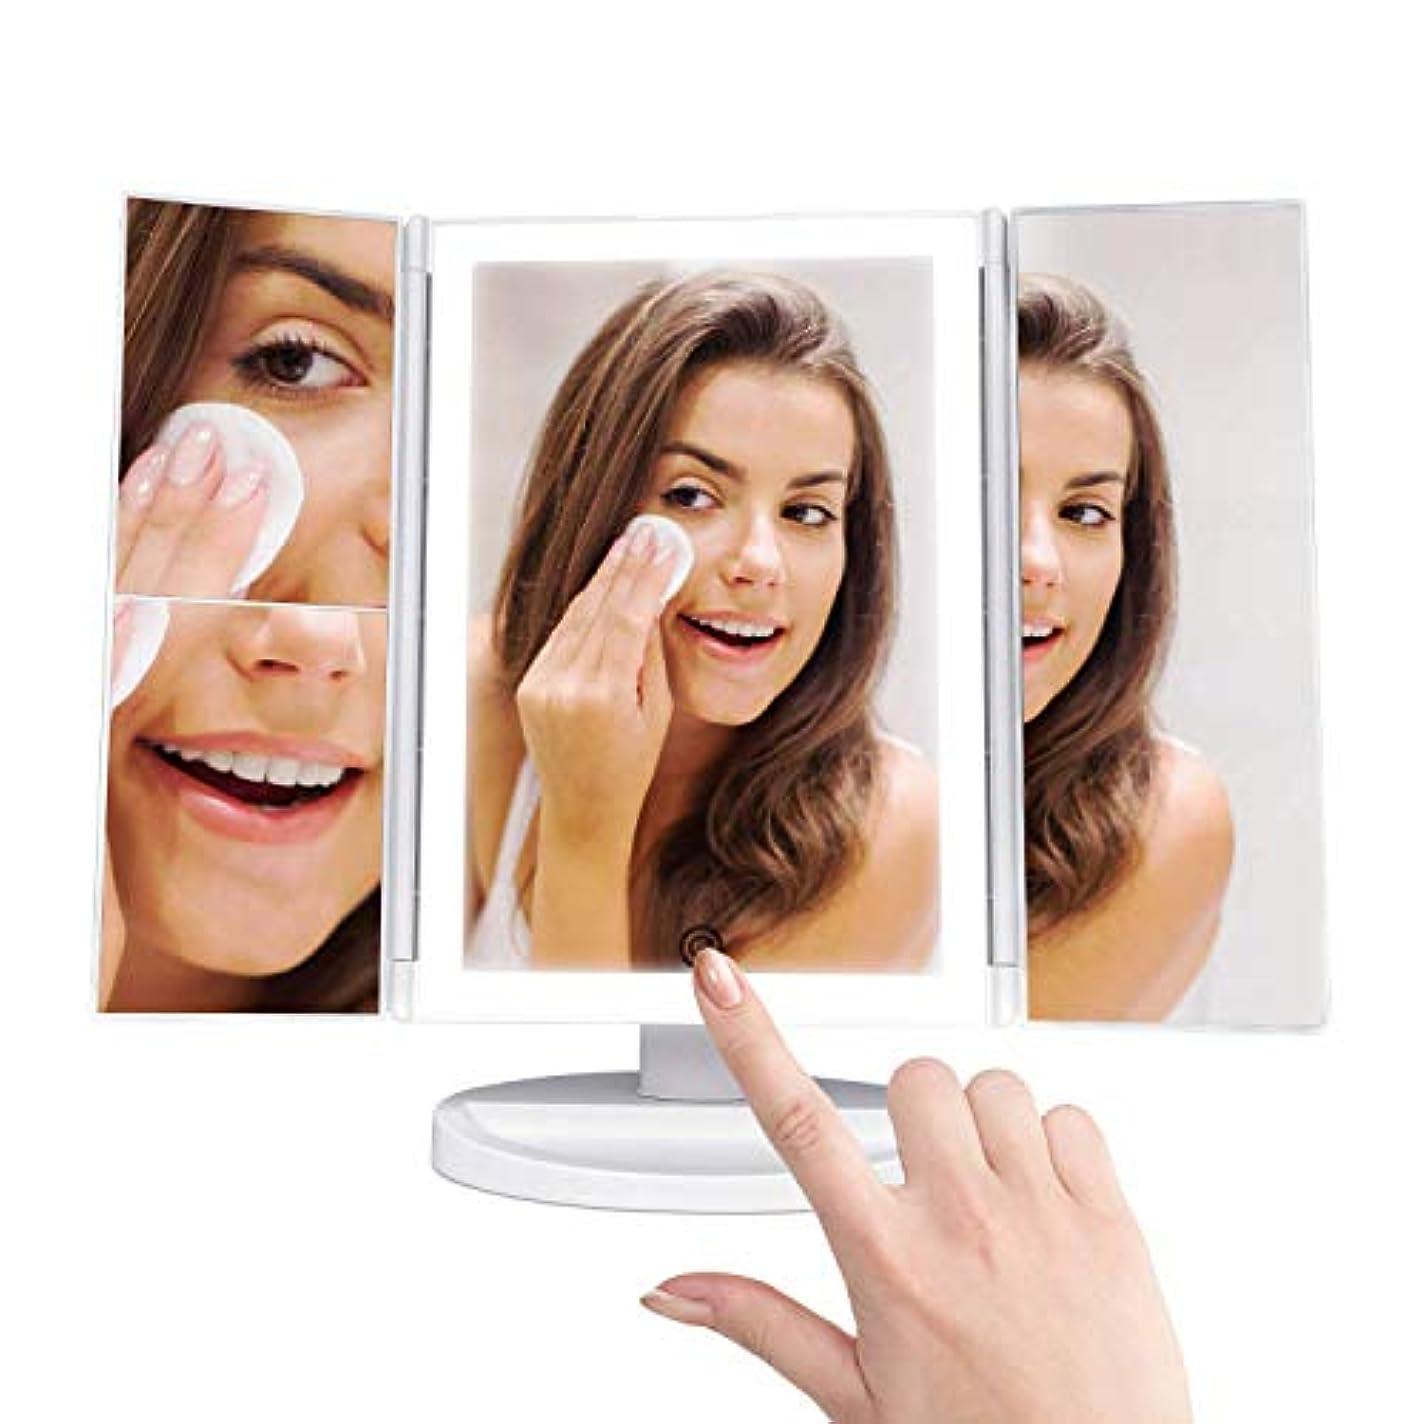 弁護人来て添加剤卓上ミラー 折りたたみ式 三面鏡 化粧鏡 2&3&拡大鏡付き LEDライト 角度調整機能付 タッチパネル 持ち運び便利 180度自由に回転 電池またはUSB給電(ホワイト)